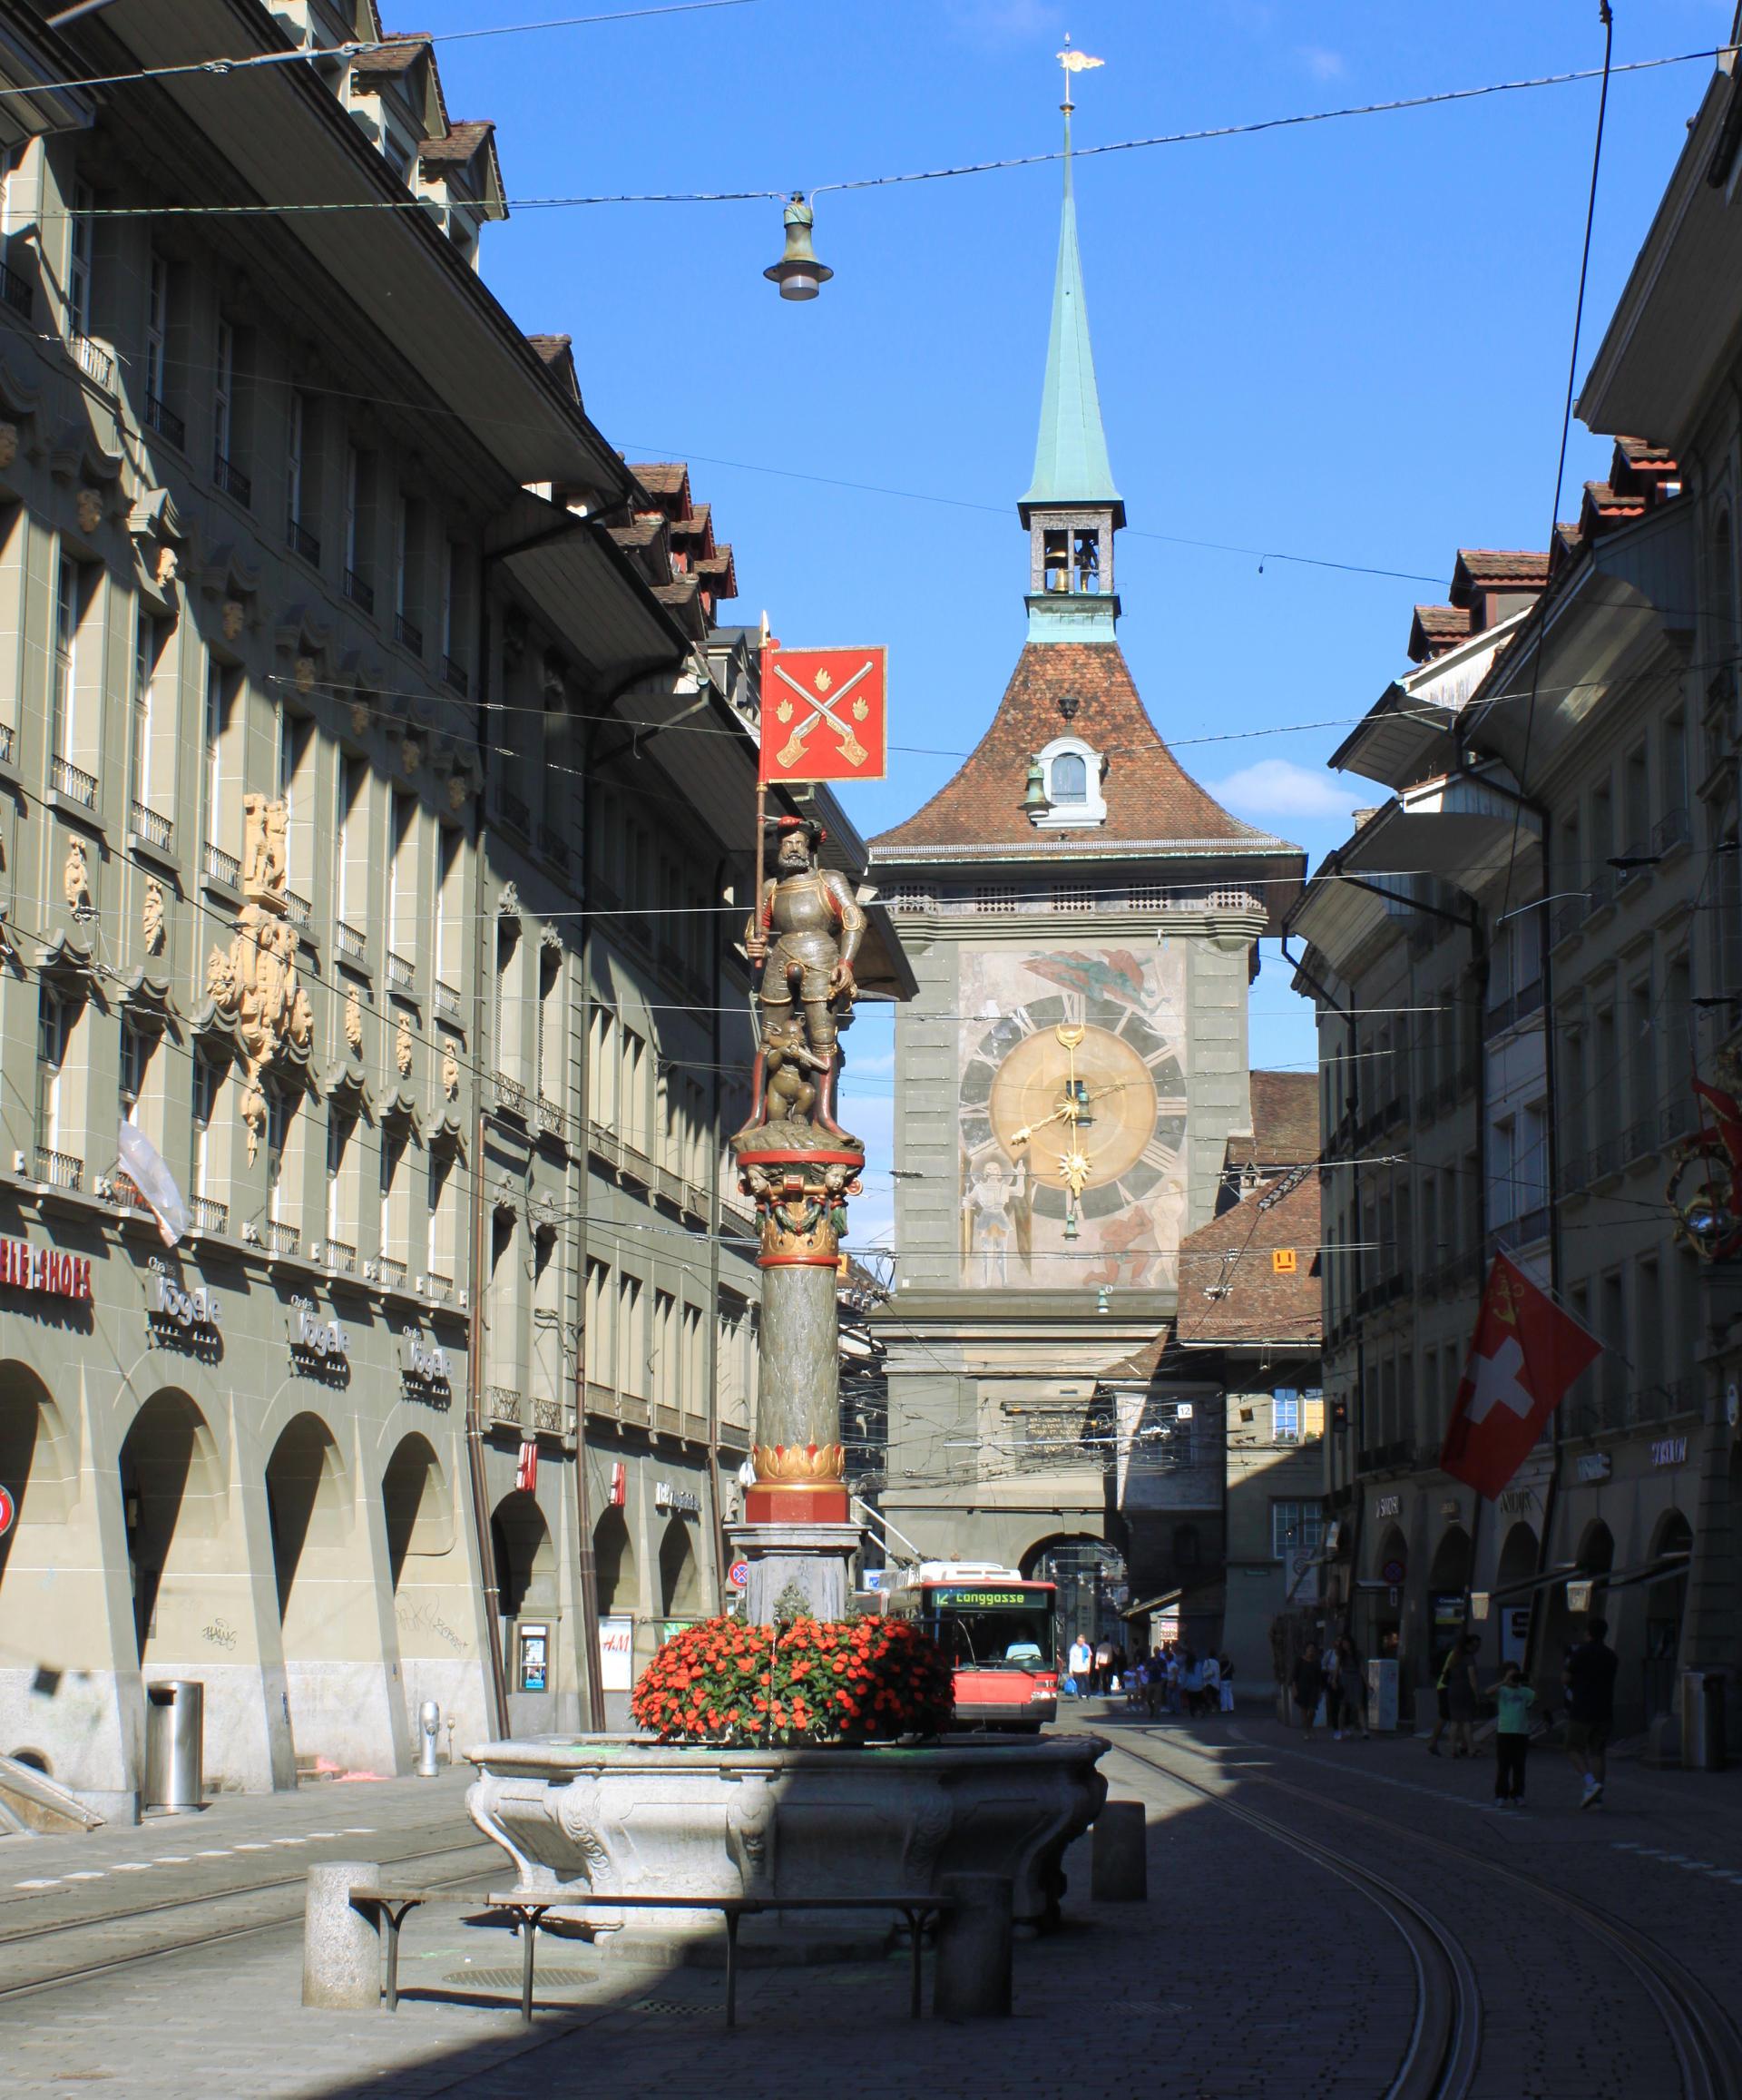 szwajcaria berno bern widok bramamiasta figurka kamienice zegar wiezazegarowa staremiasto stolica iglawpodrozy